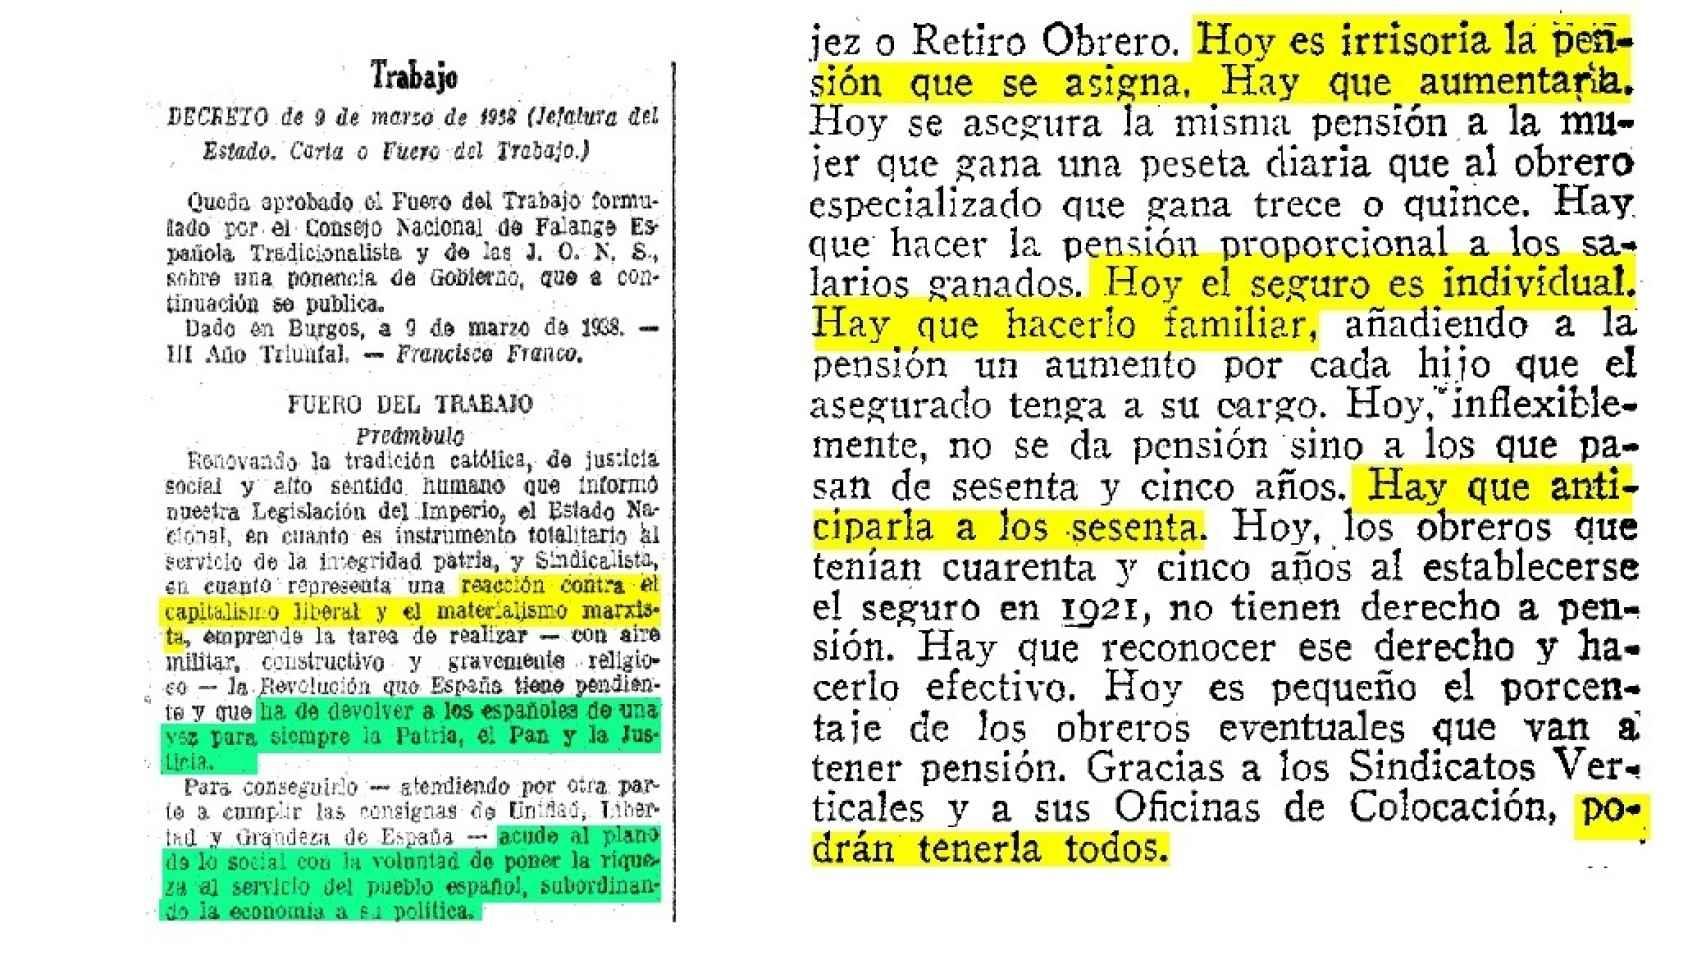 Extracto del Fuero de los españoles decretado por Francisco Franco el 9 de marzo de 1938.